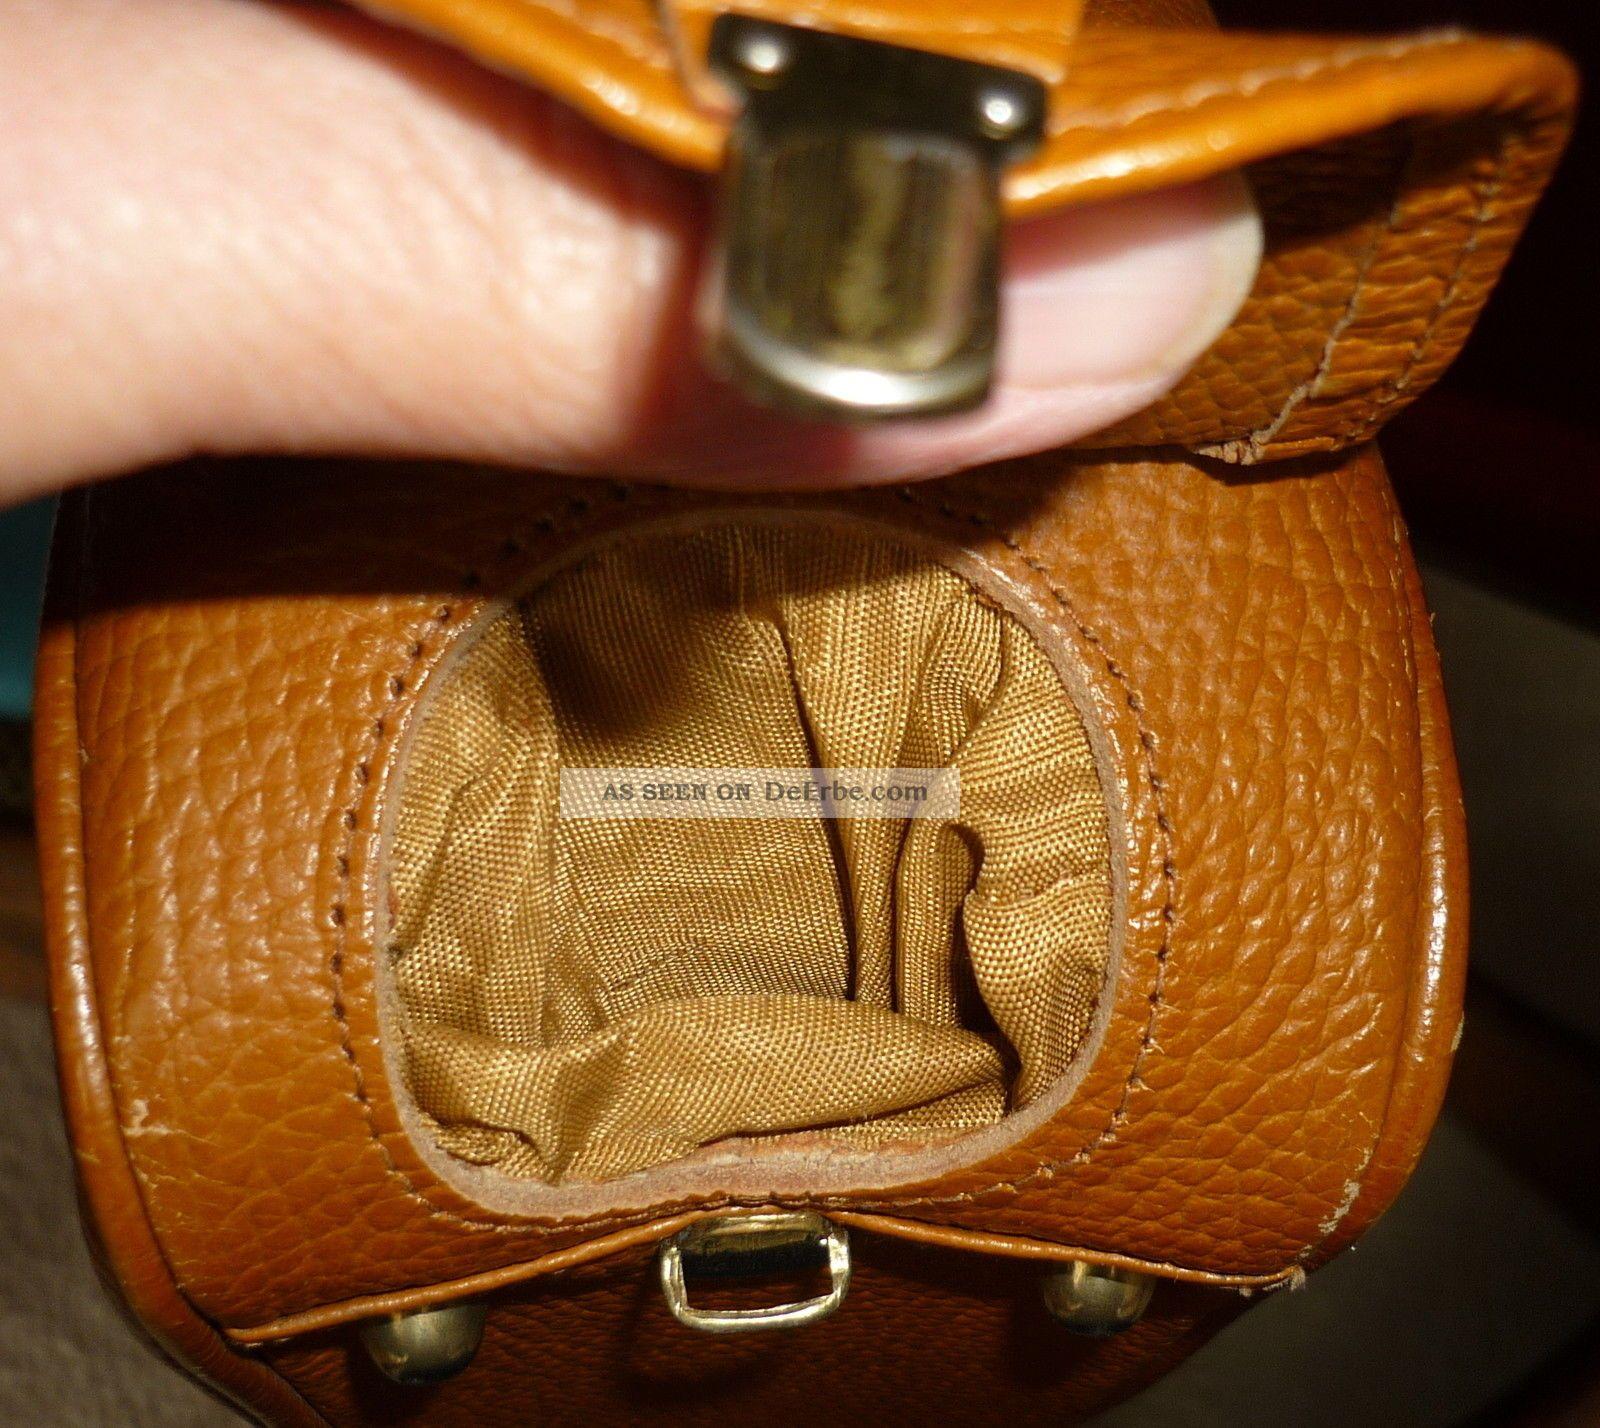 50er jahre handtasche umh ngetasche leder vintage. Black Bedroom Furniture Sets. Home Design Ideas